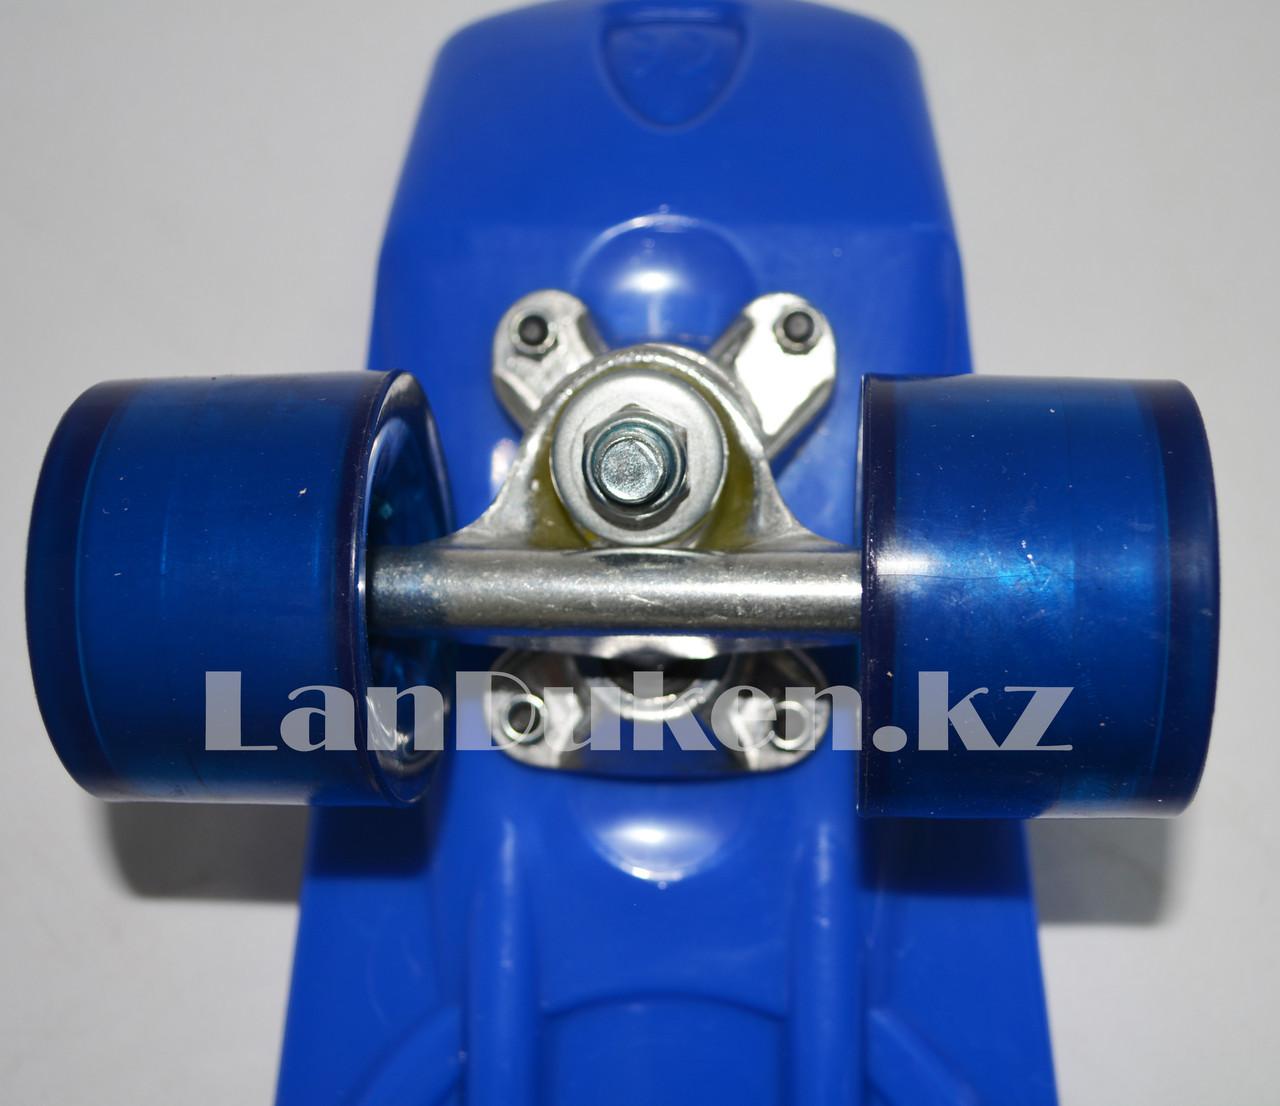 Пенни борд подростковый 56*15 Penny Board с гелевыми колесами синий - фото 5